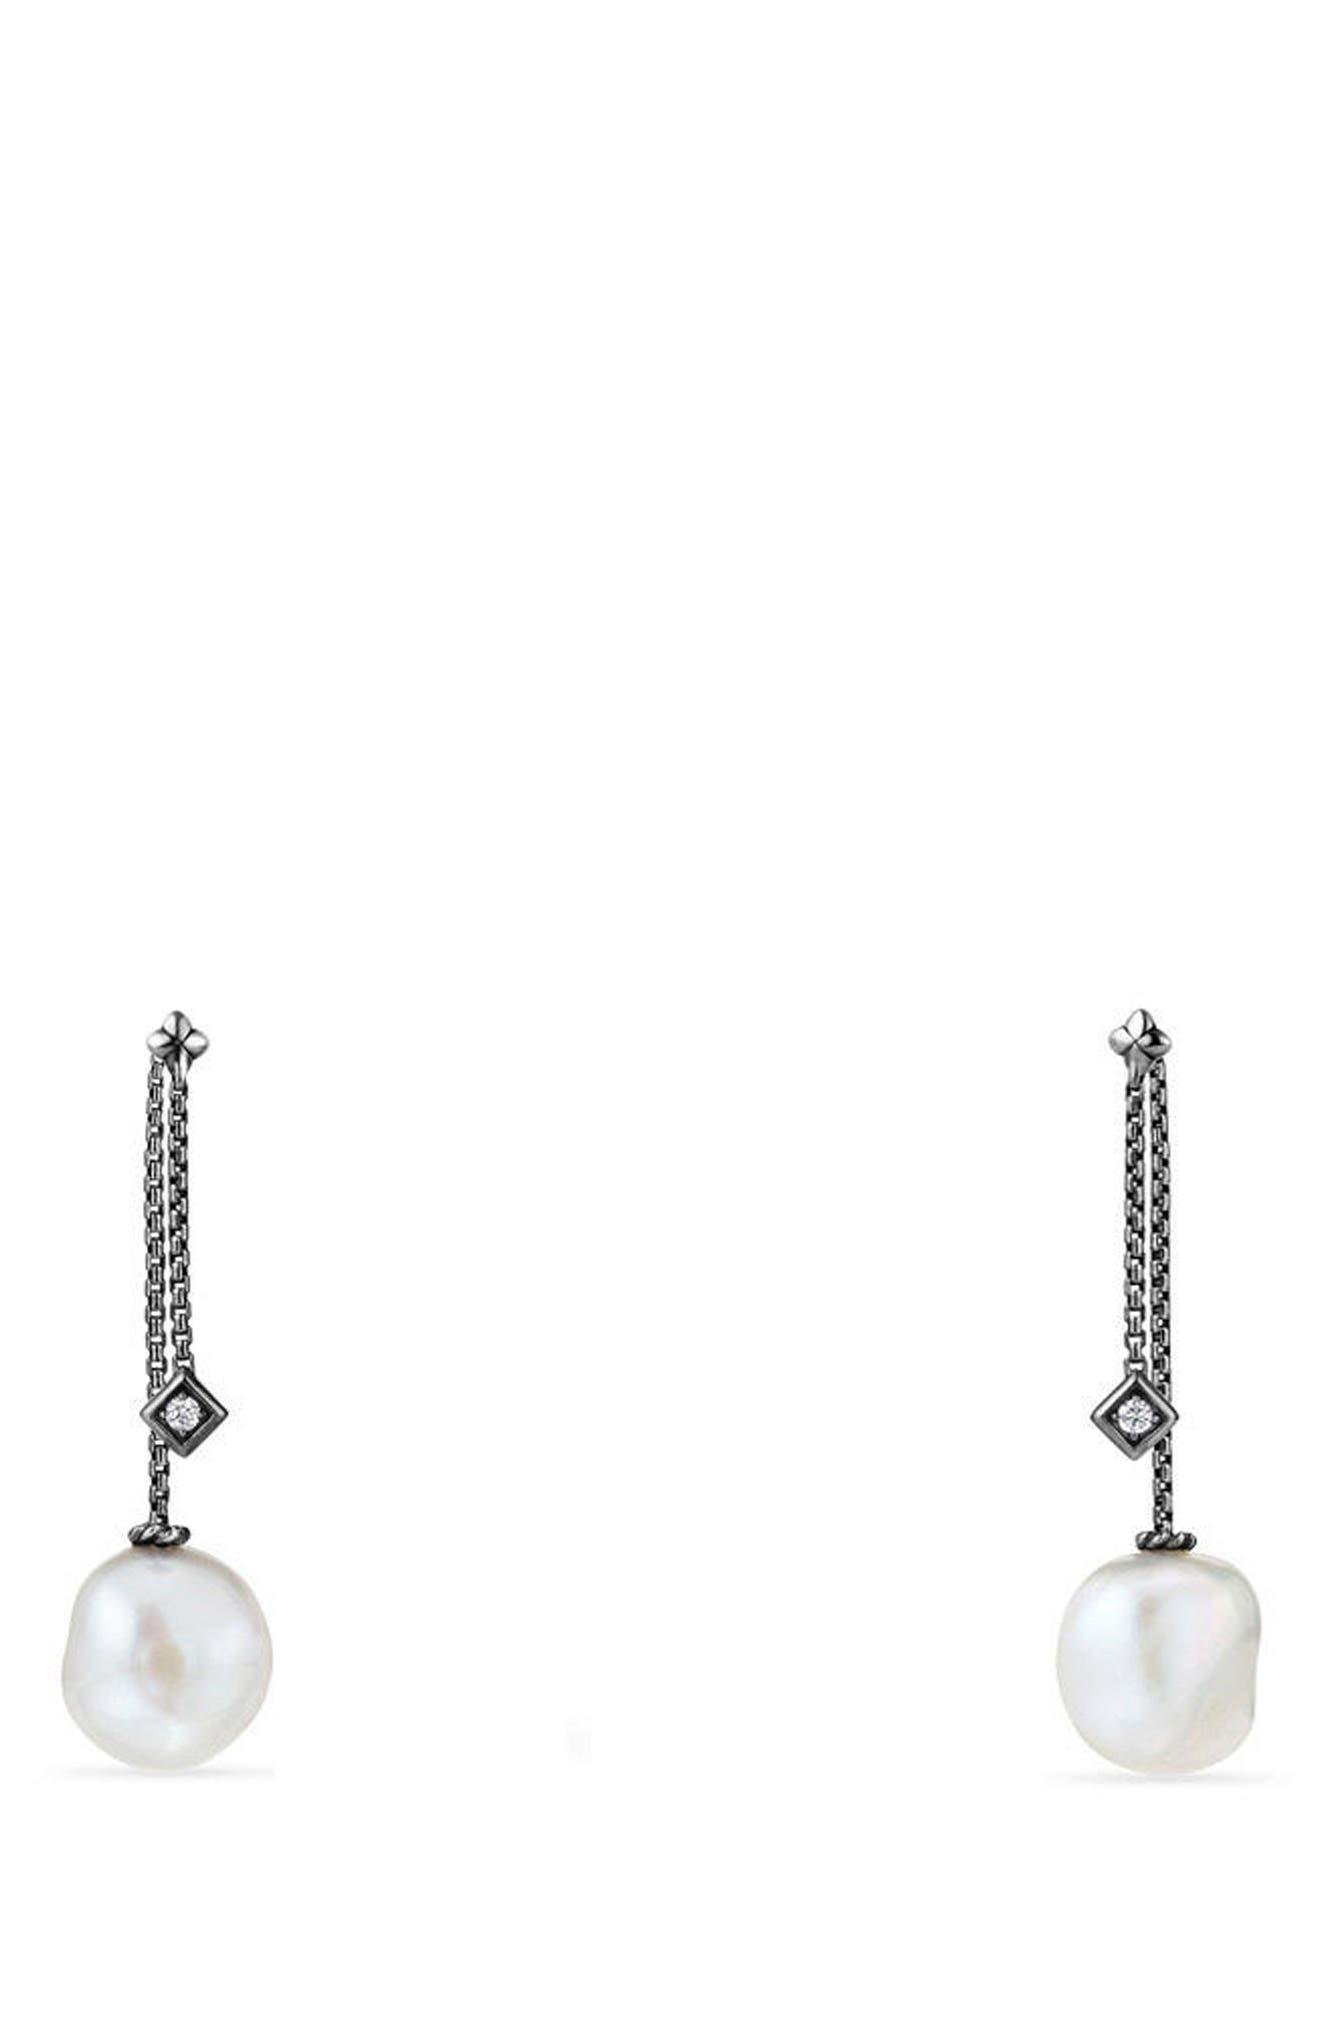 Alternate Image 1 Selected - David Yurman Solari Pearl & Diamond Drop Earrings